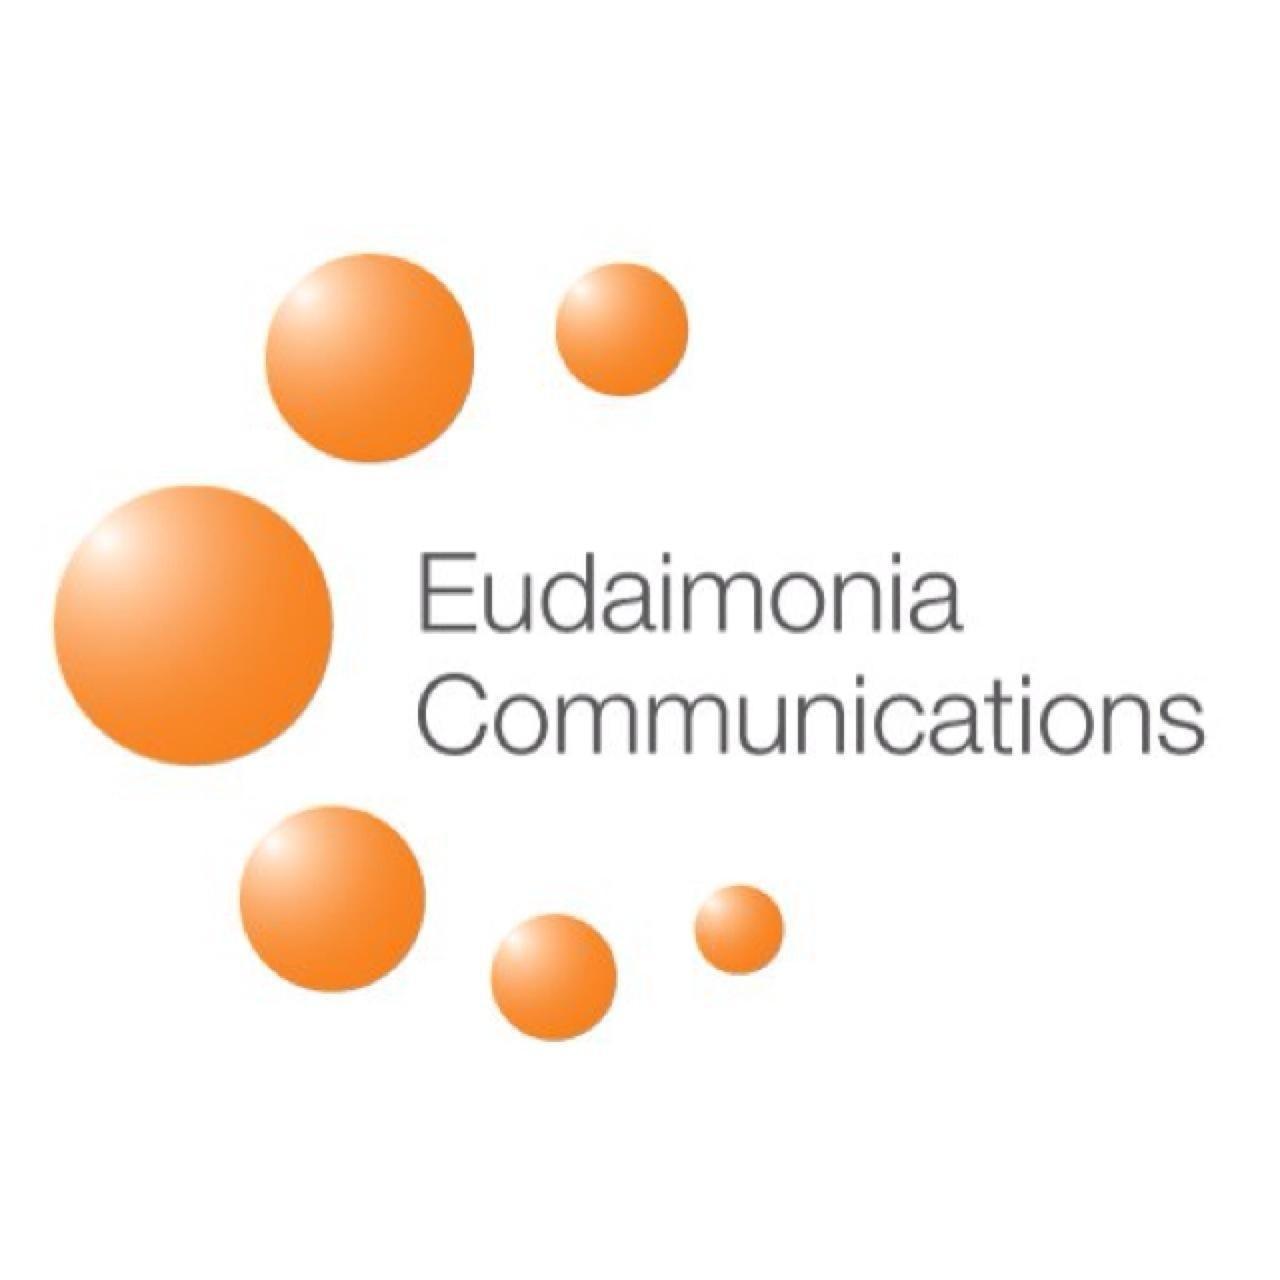 Eudaimonia Comms